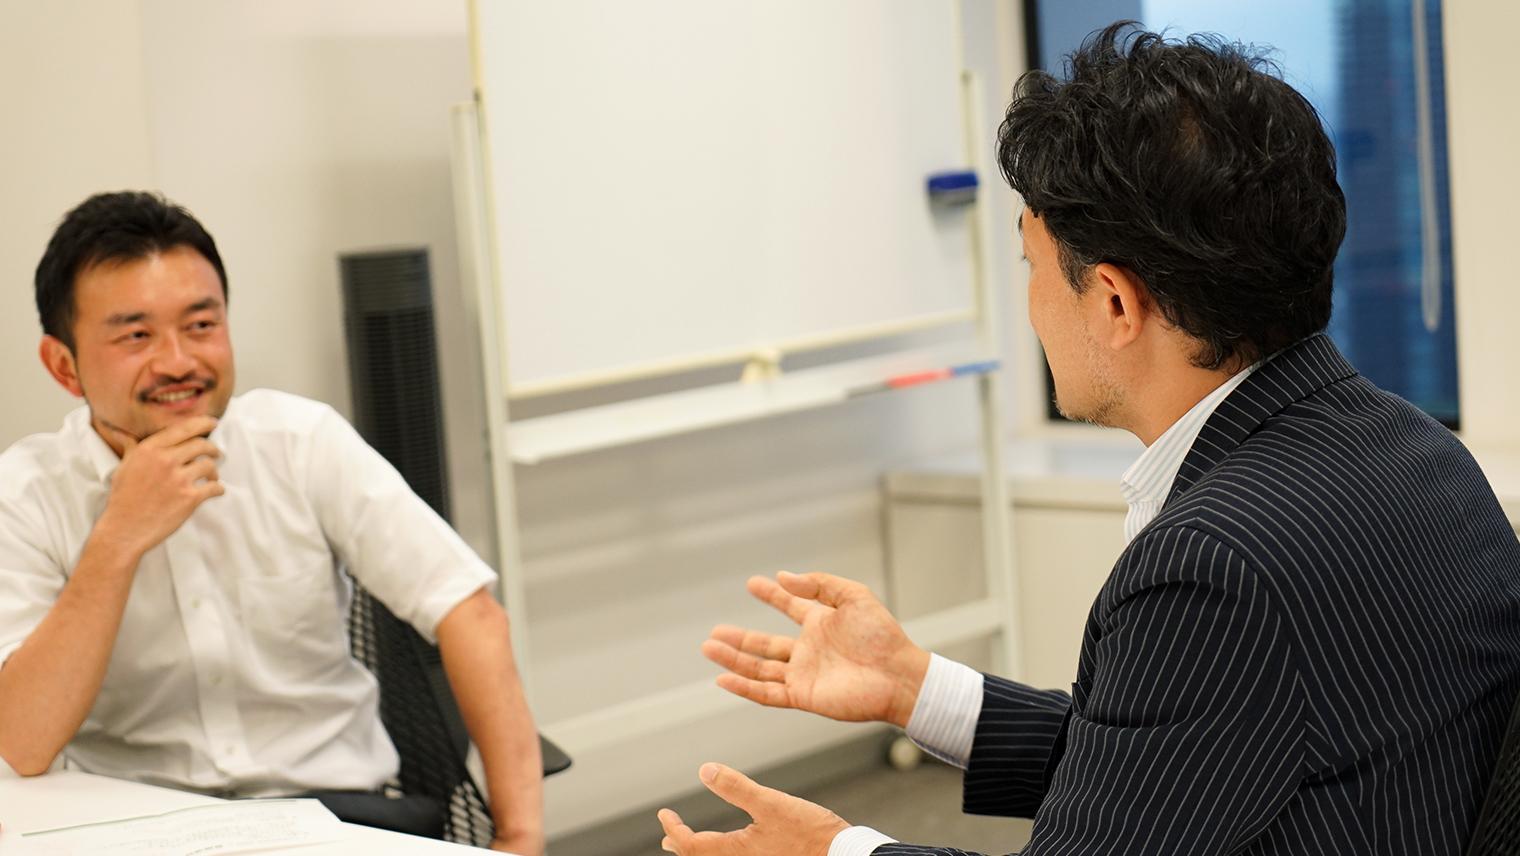 ソニー株式会社Startup Acceleration部門副部門長の小田島、株式会社アイスタイル代表取締役社長 兼 CEO 吉松徹郎さん